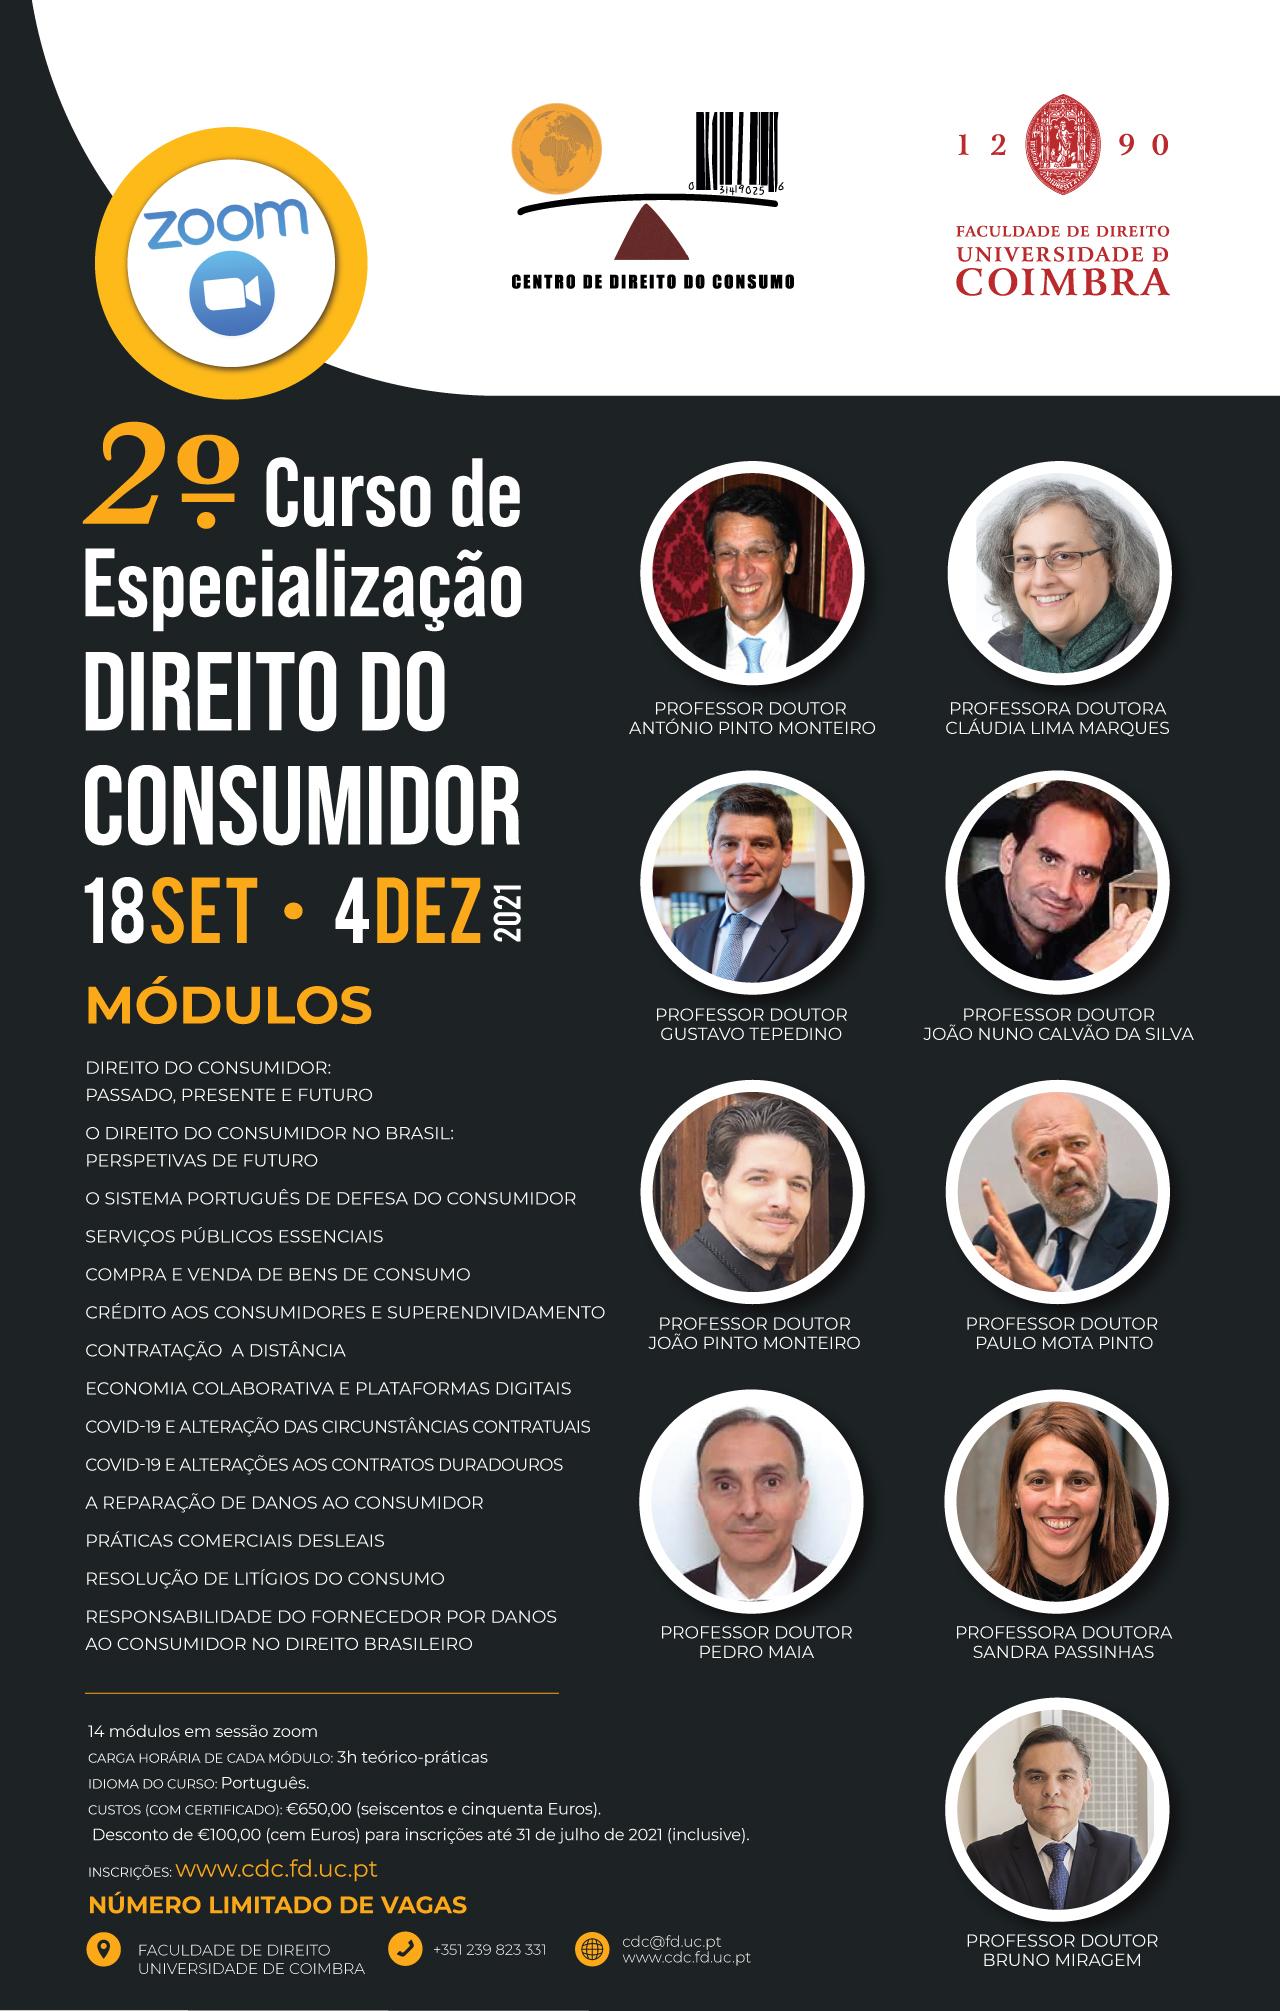 2.º Curso de  Especialização Direito do  Consumidor